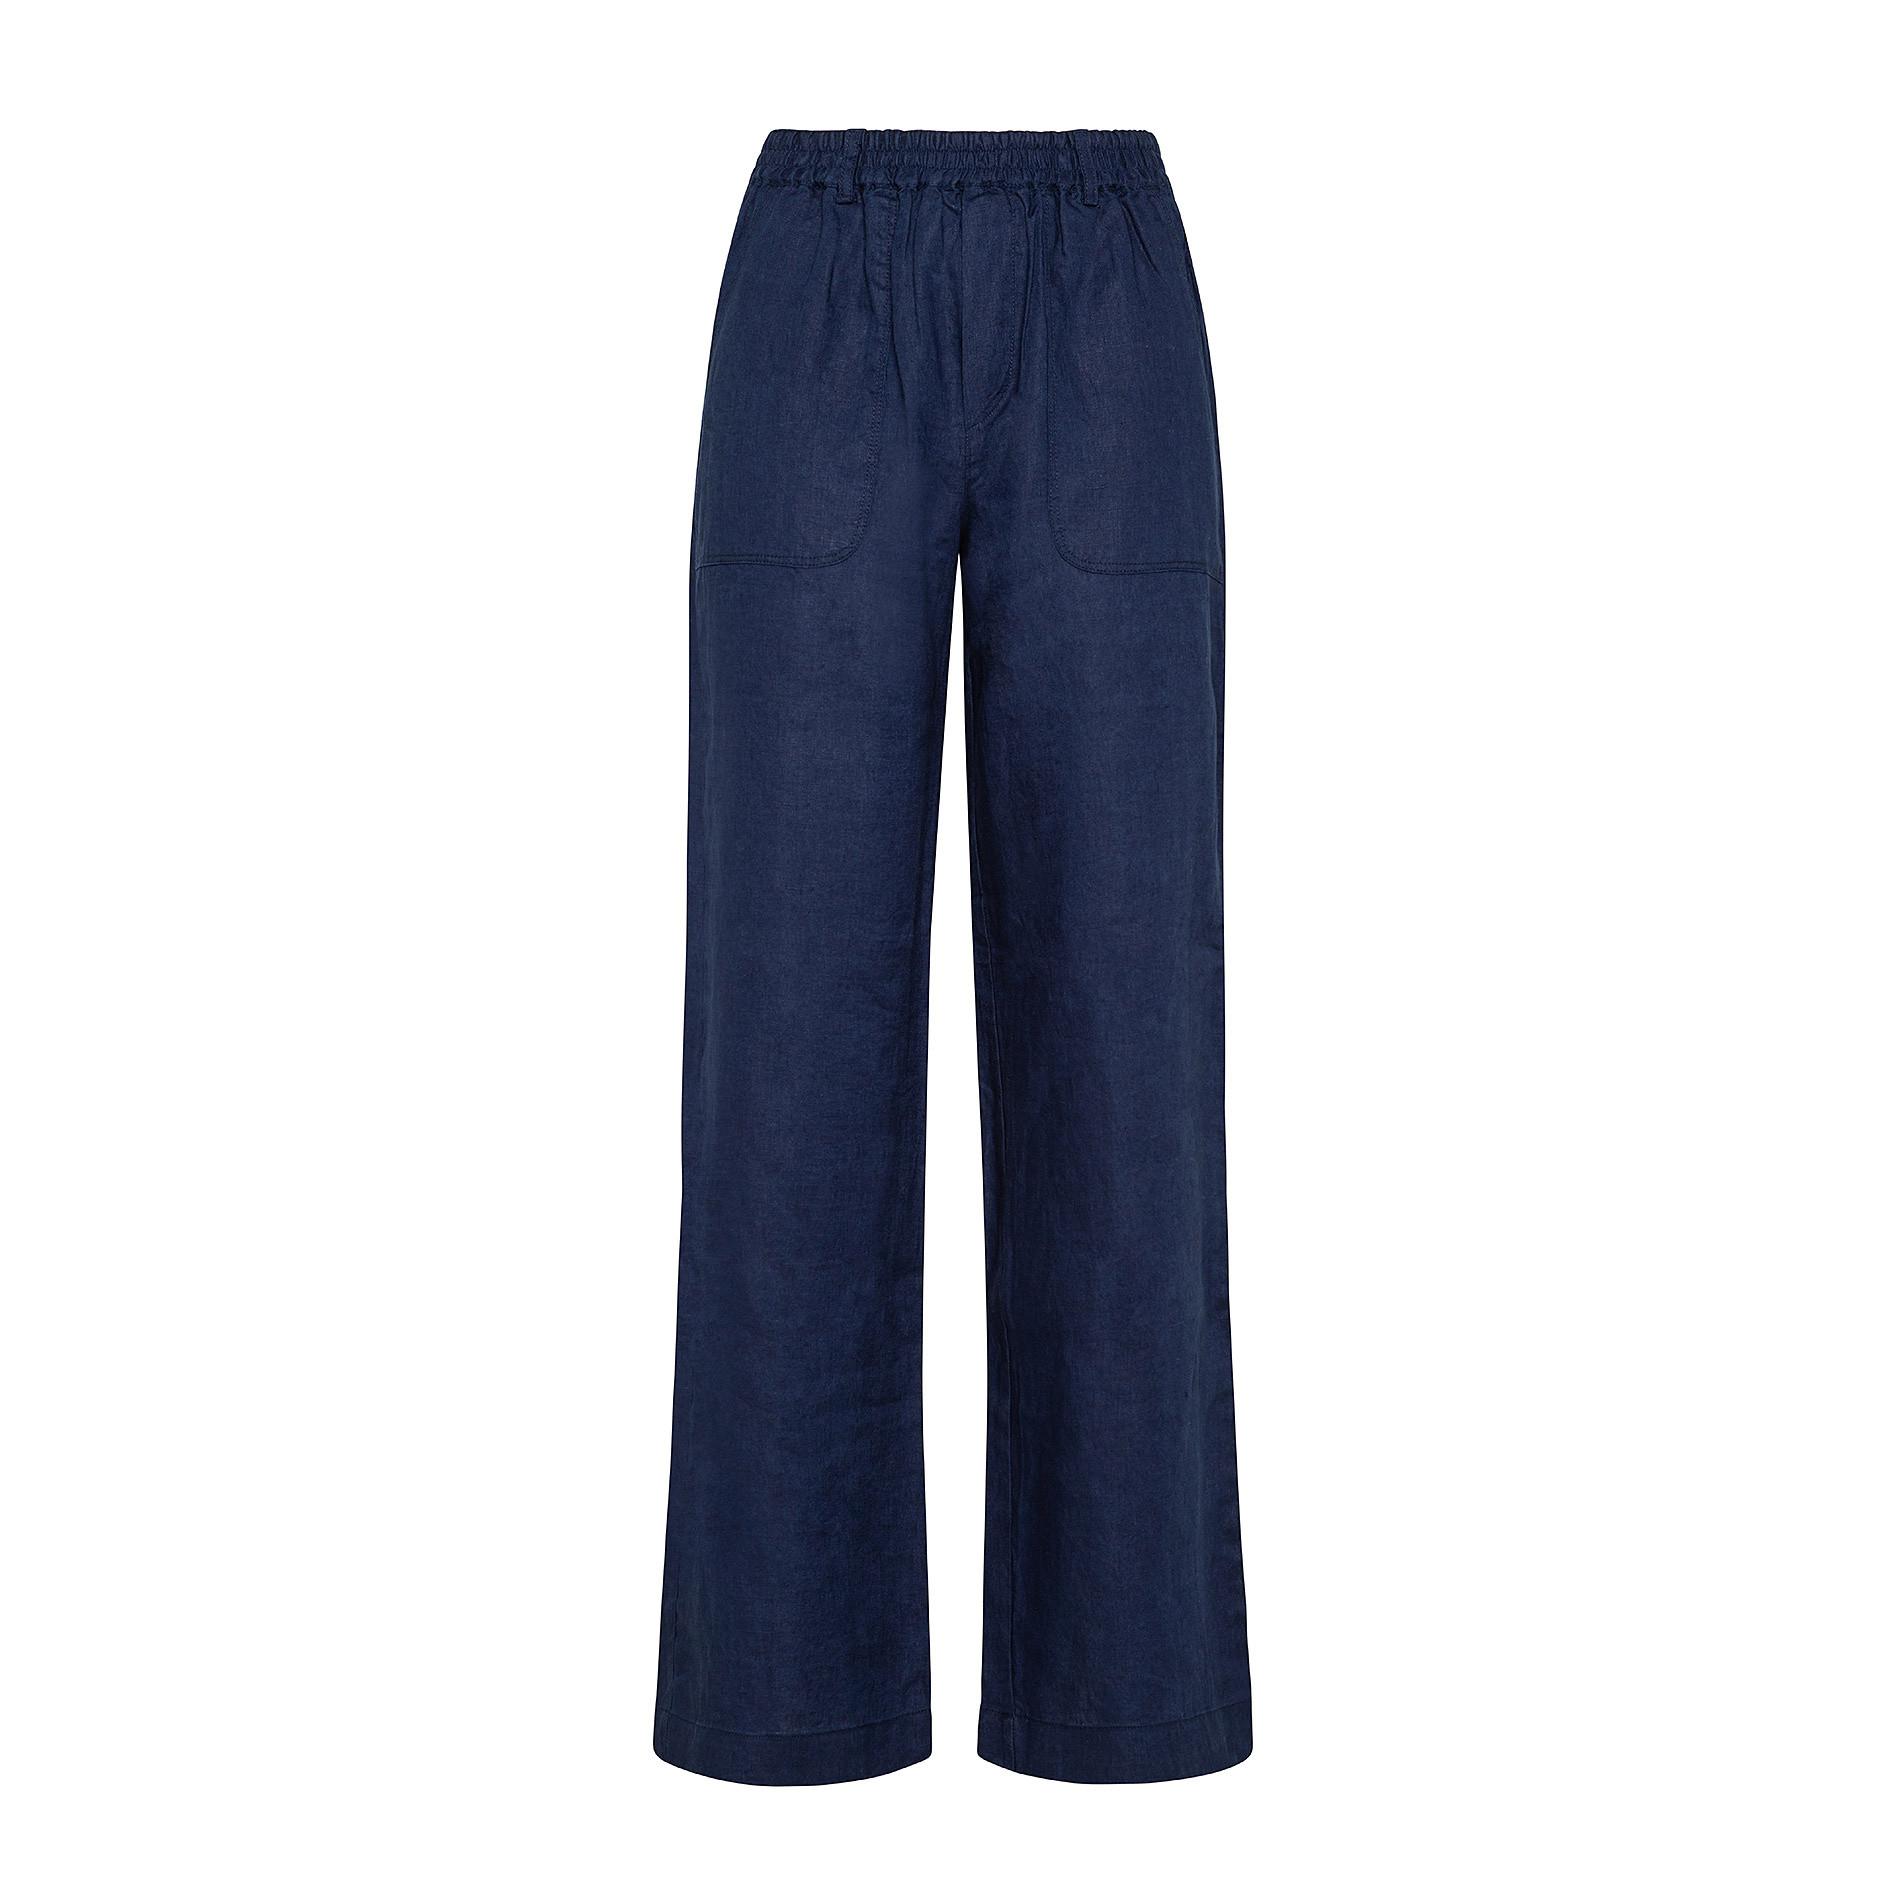 Pantalone morbido 100% lino Koan, Blu scuro, large image number 0